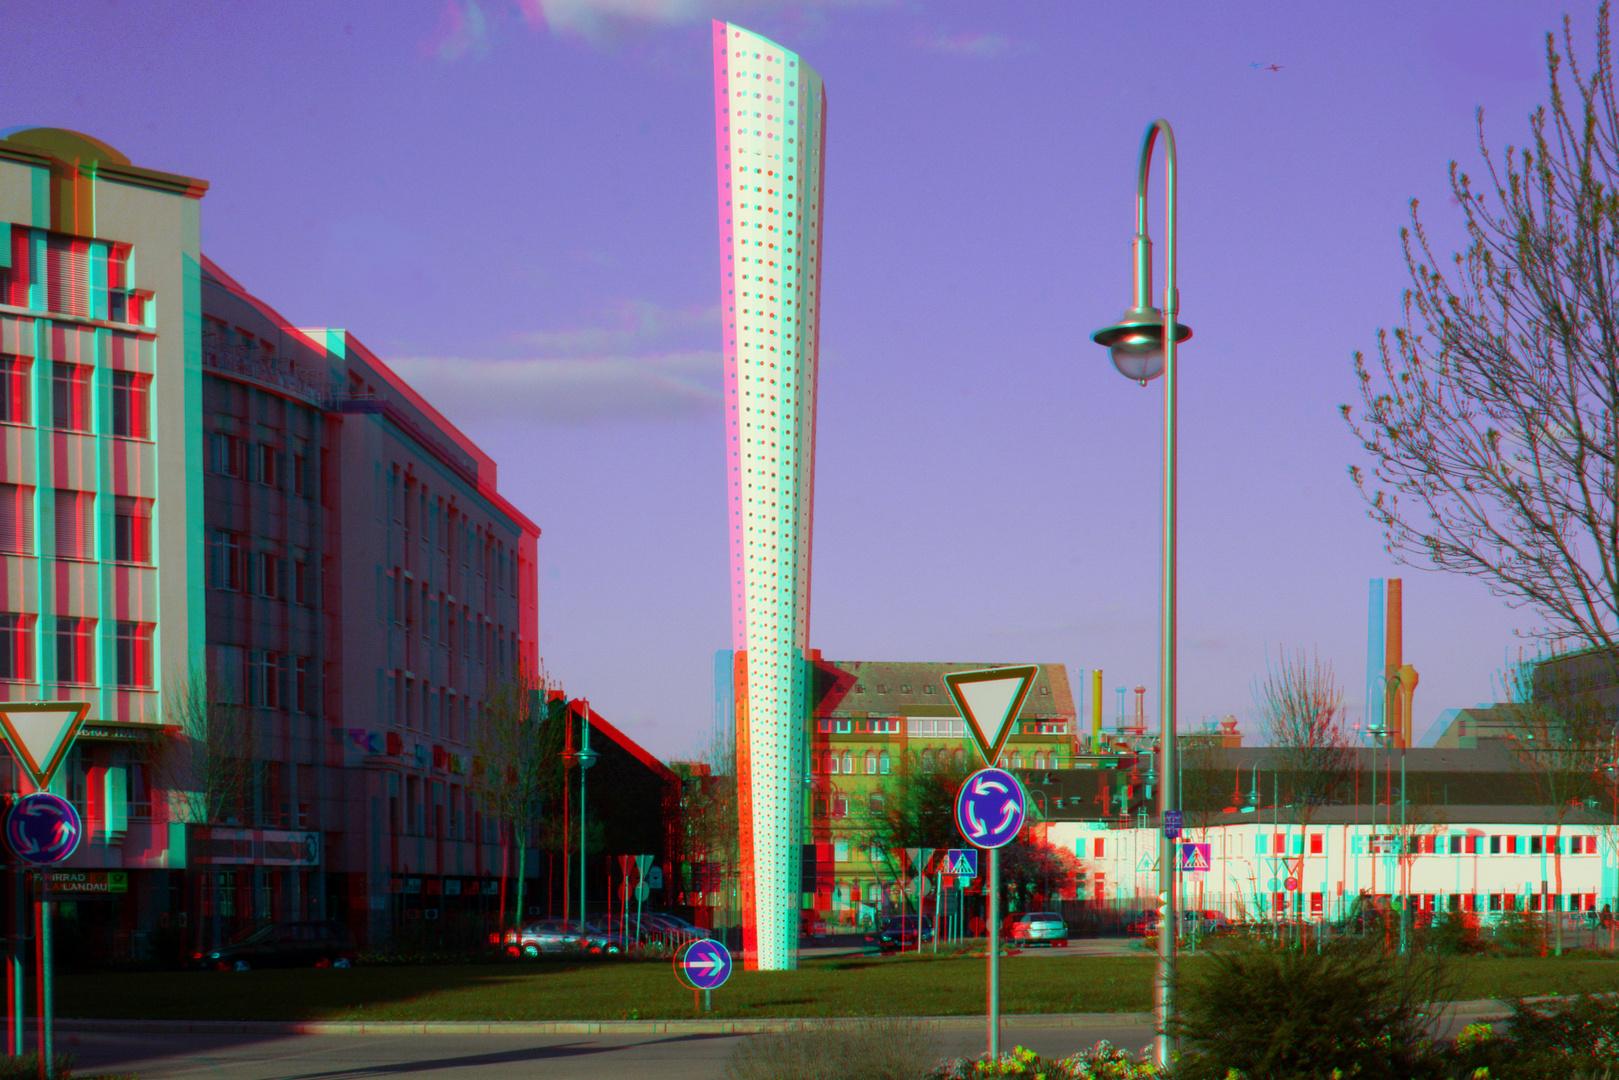 Kreiselkunst in Hanau